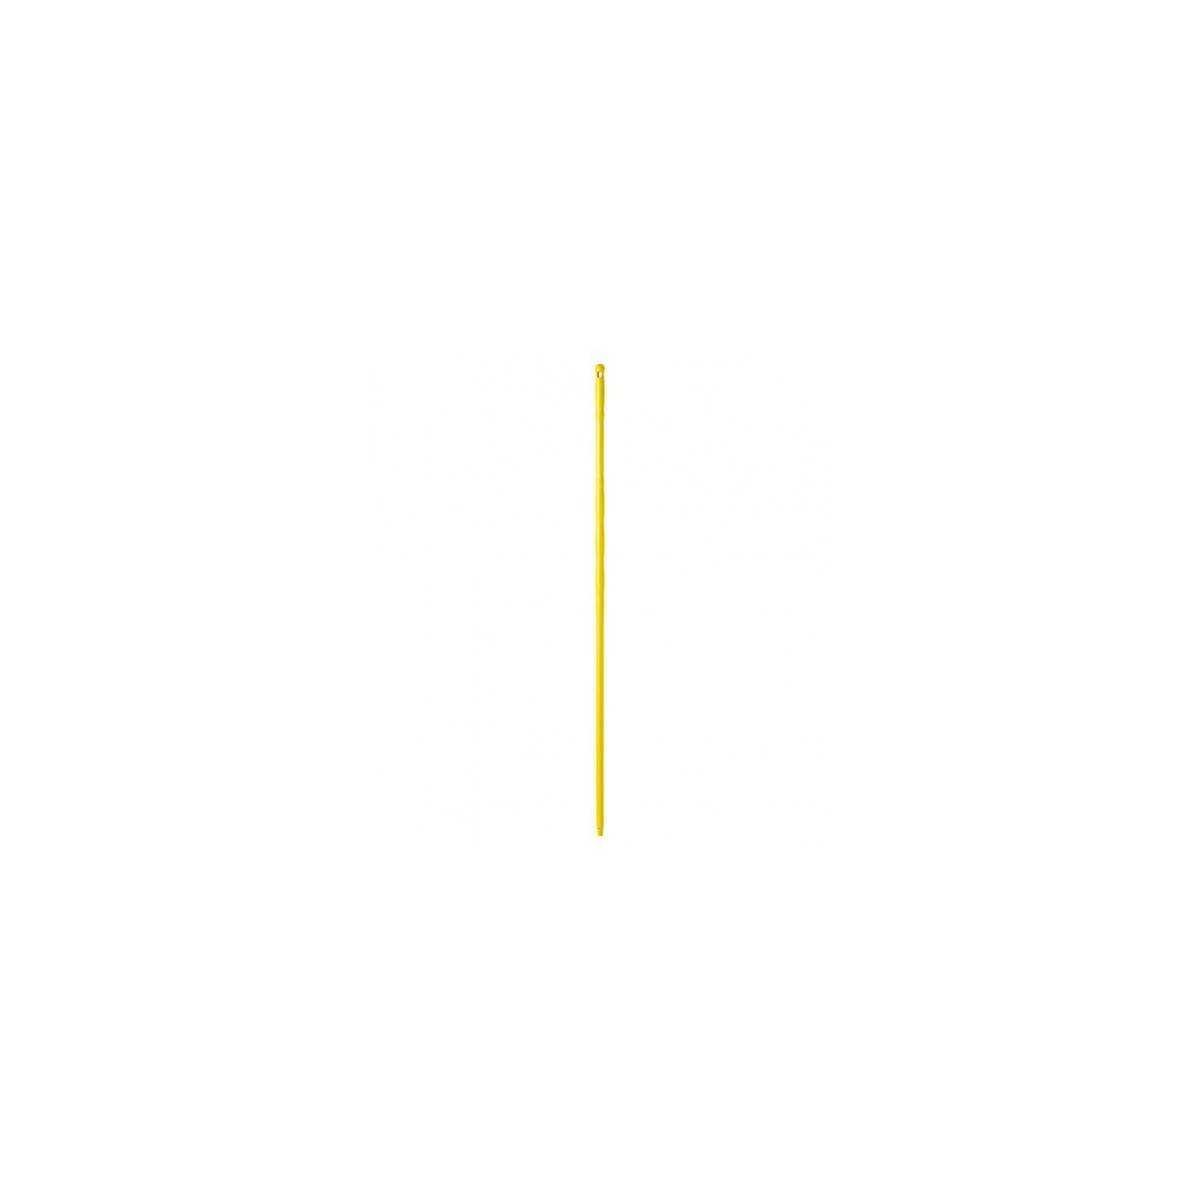 Рукоятка пластмассовая с резьбой 145см (Желтогоцвета) 1081G TTS